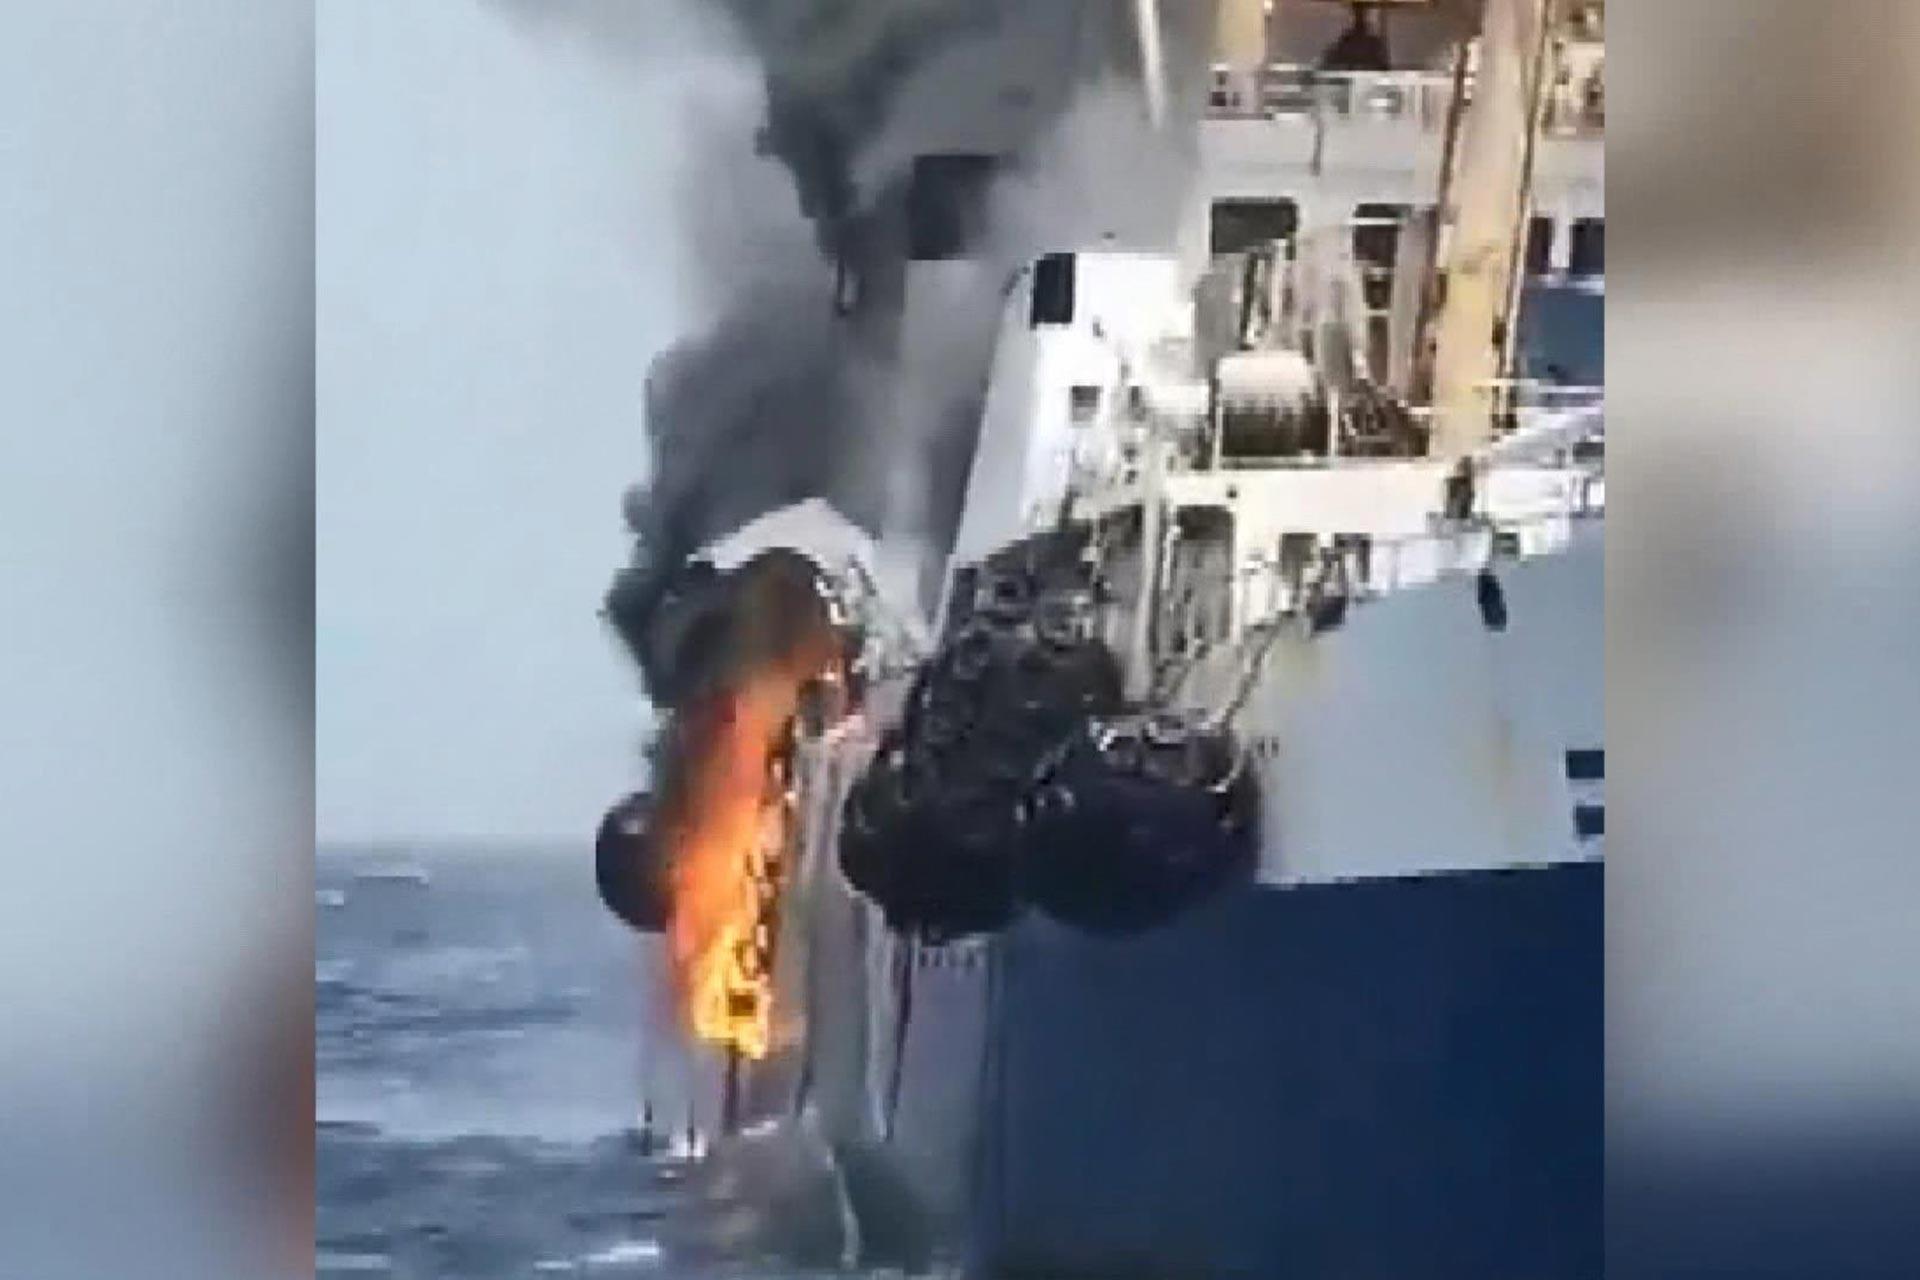 Ukrayna'ya ait gemide yangın çıktı, 1 denizci kayıp